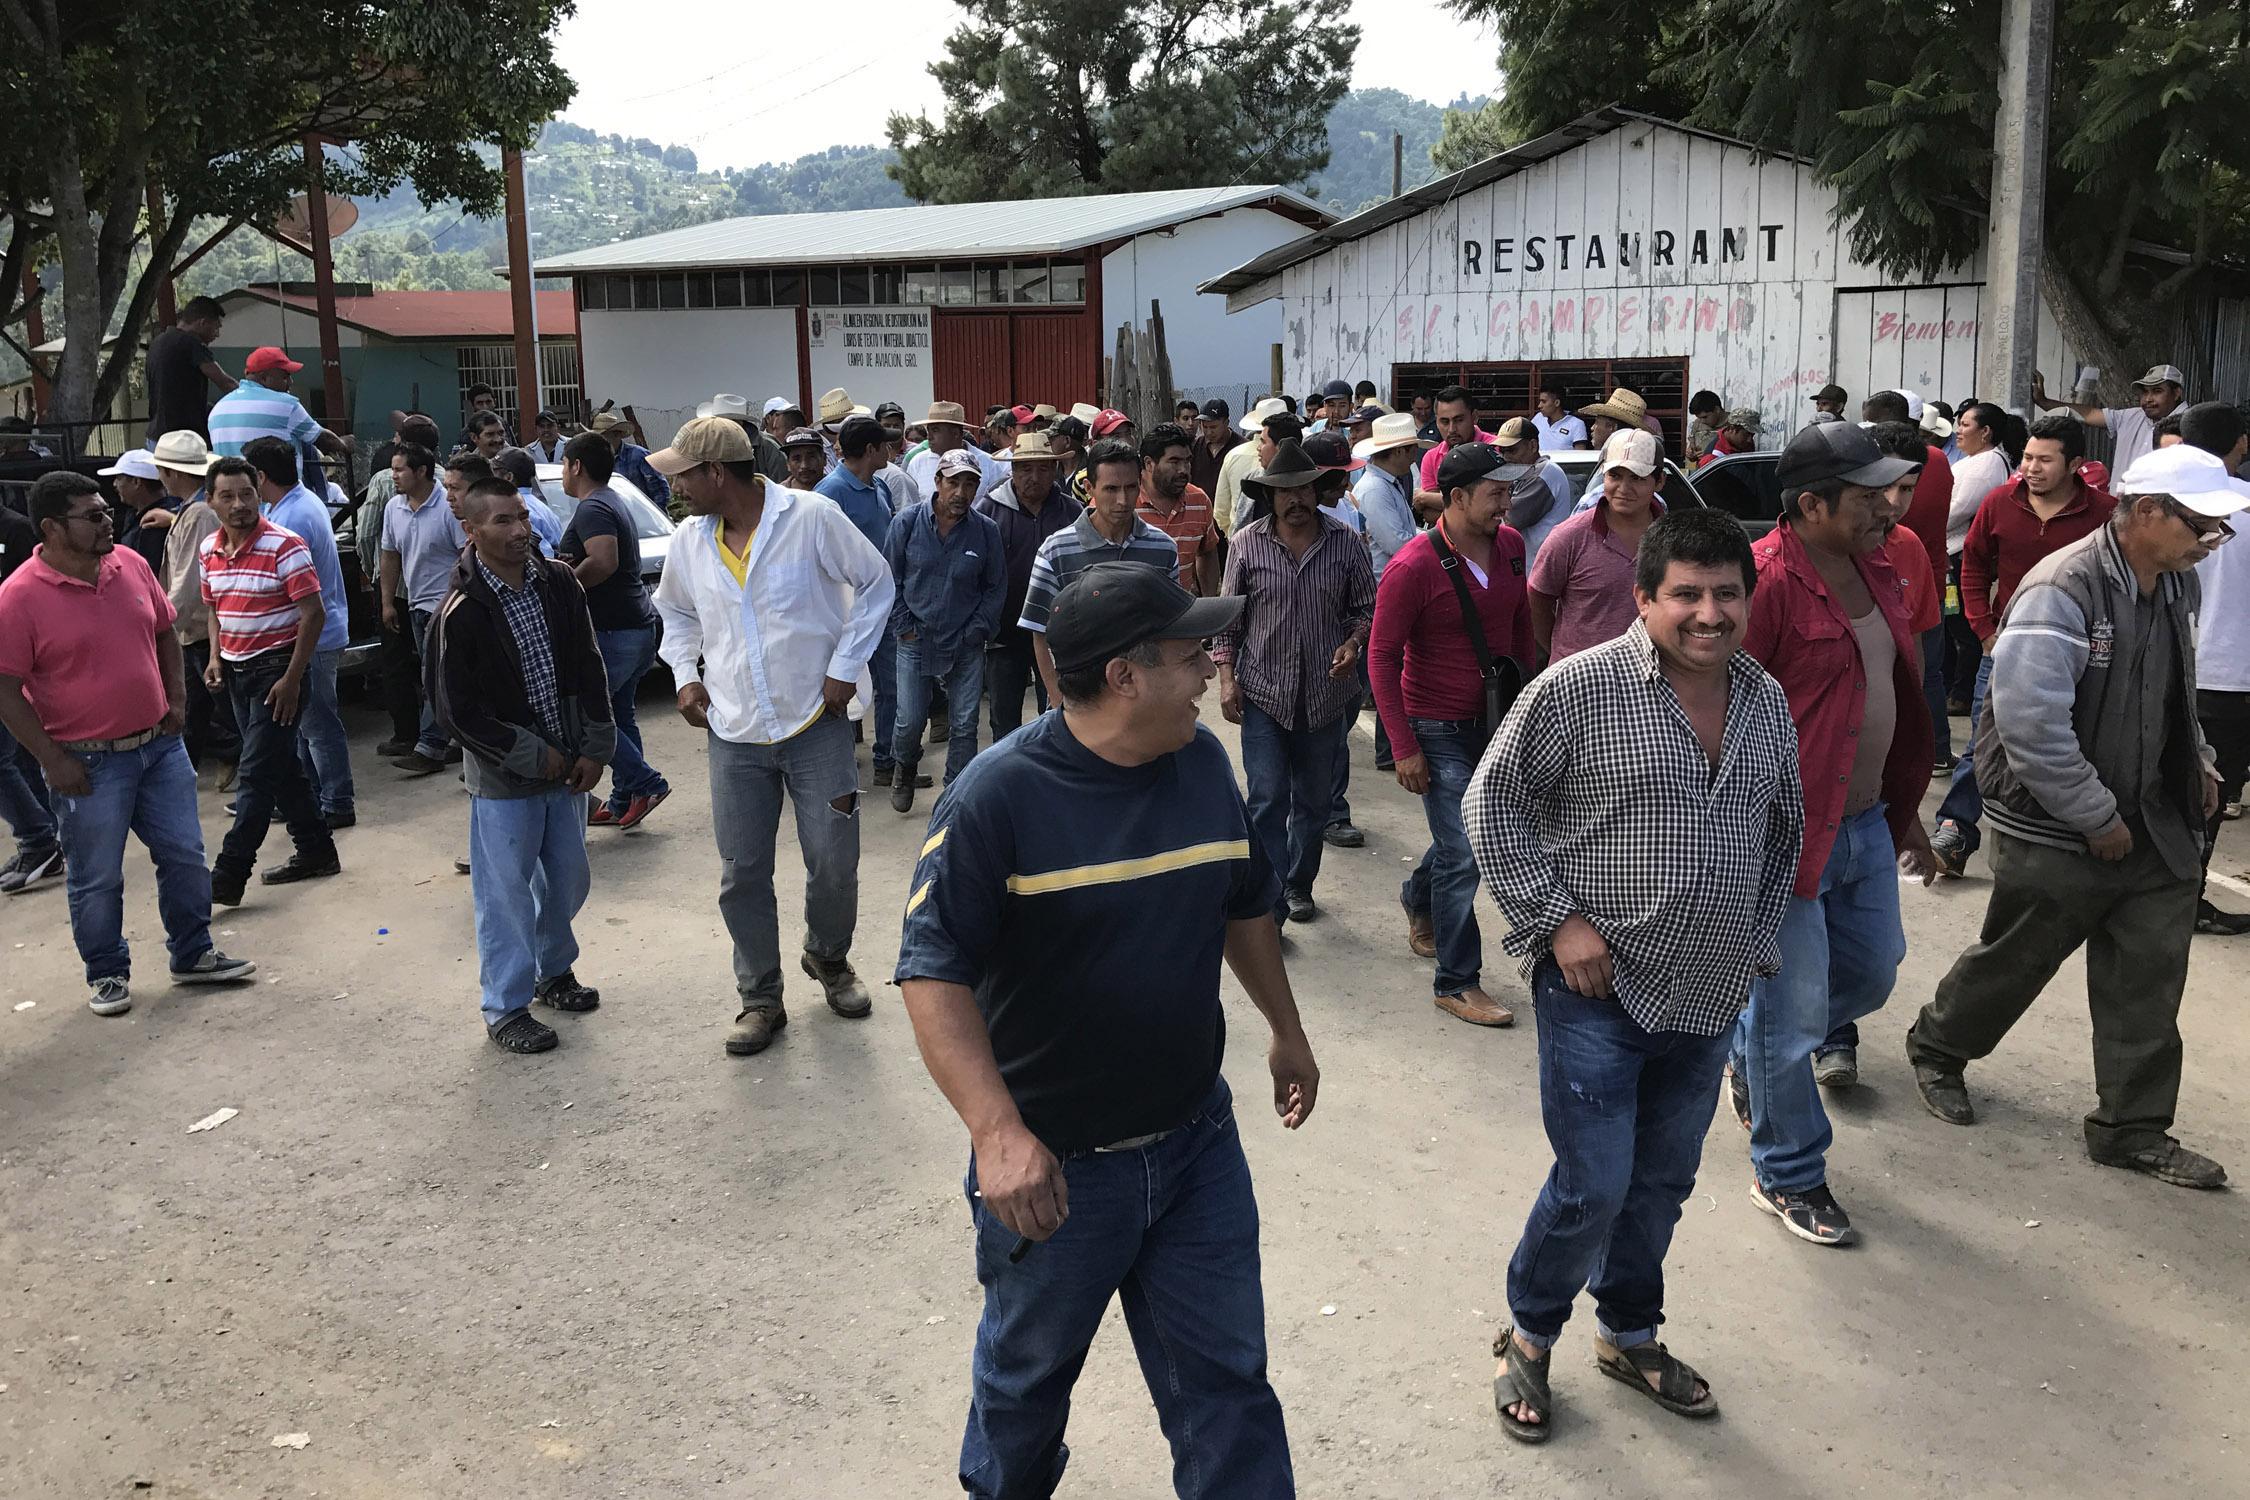 Comisarios y otros representantes de comunidades al finalizar la reunión en la comunidad de Campo de Aviación, en la sierra de Chichihualco, donde se formó una policía de ciudadanos de 18 comunidades de ese municipio y el de Zumpango t Foto: Lenin Ocampo